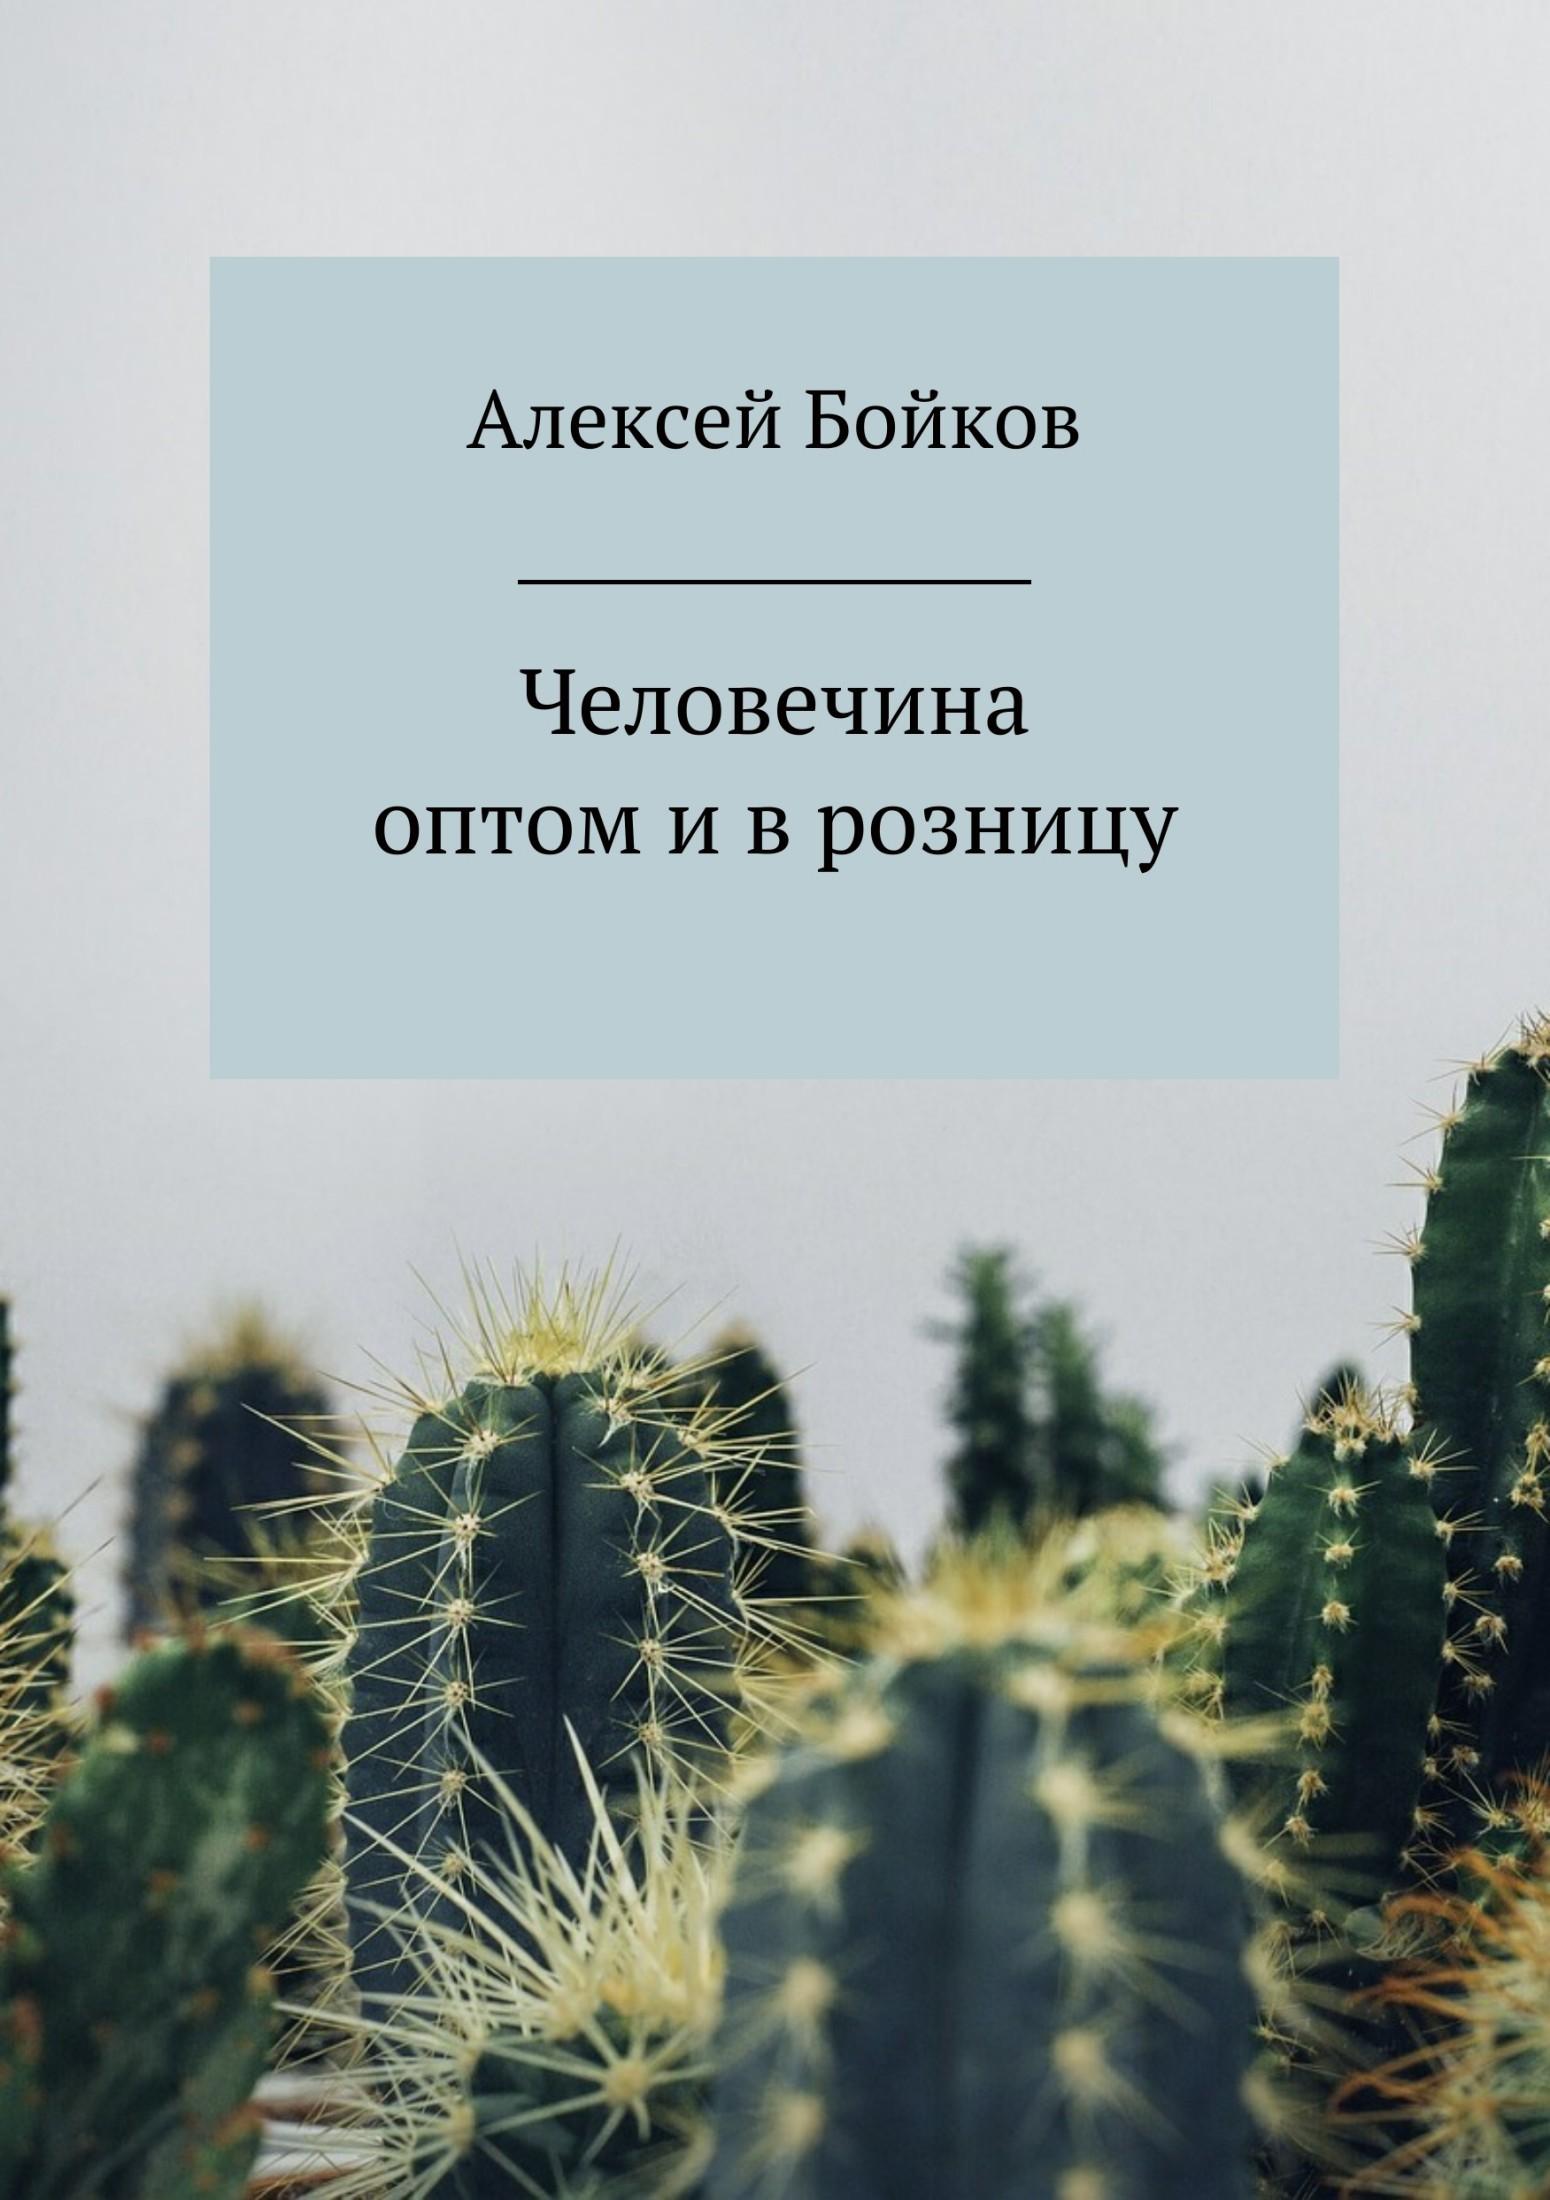 Алексей Бойков - Человечина оптом и в розницу